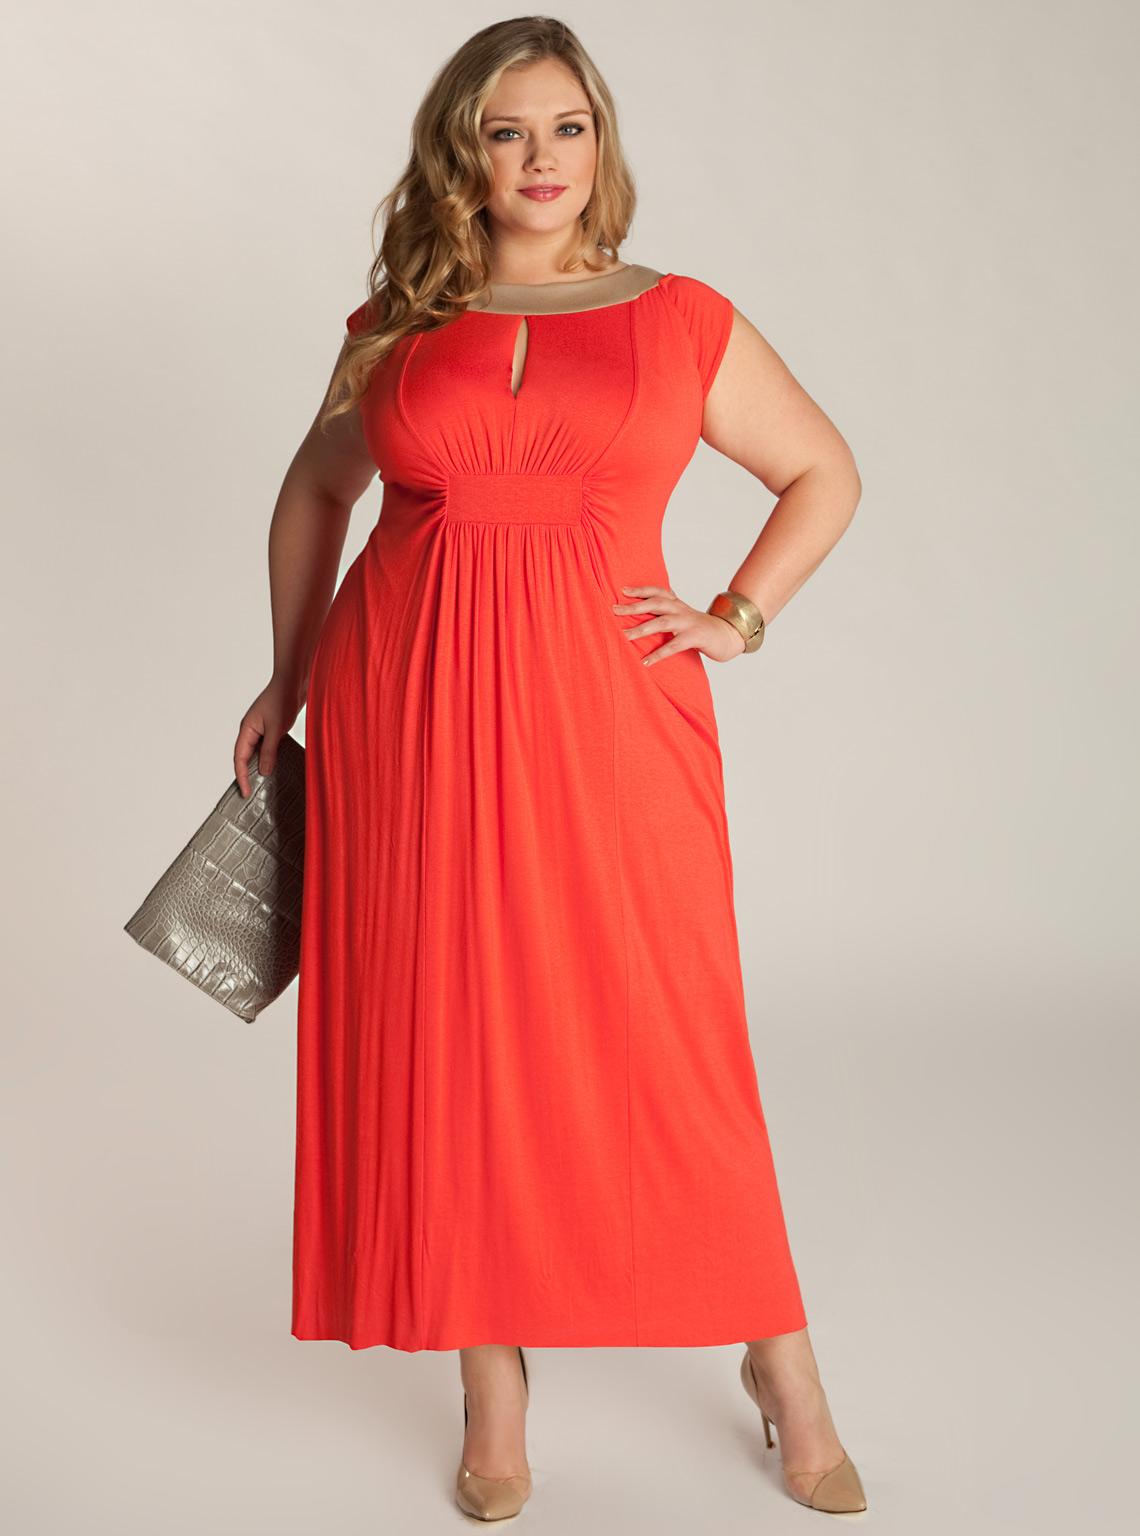 Нарядное платье для полной девушки